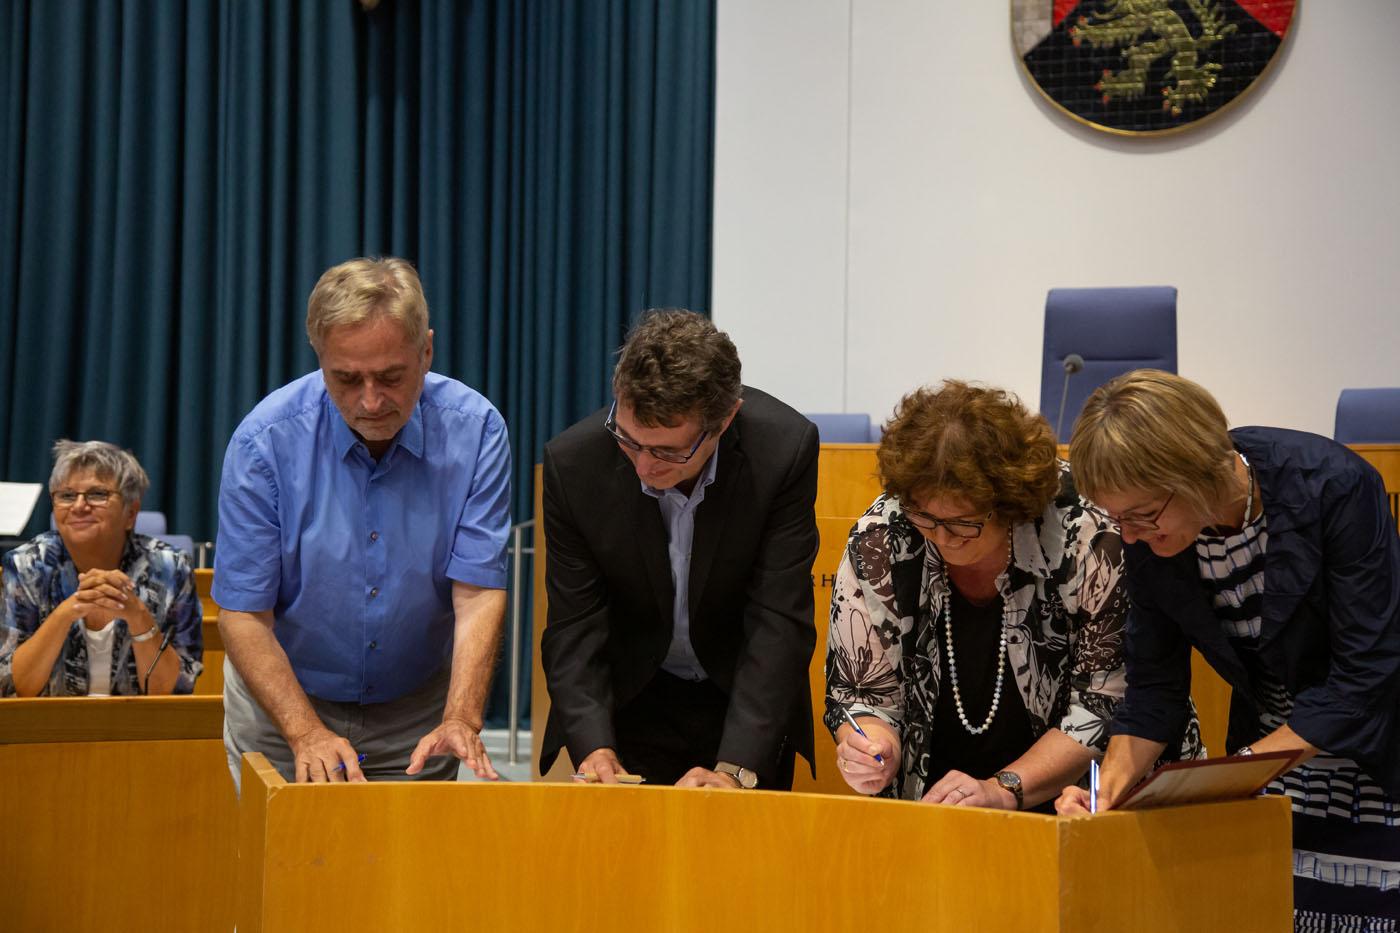 Feierliche Unterzeichnung der Satzung durch Vertreter*innen der vier gründenden Verbände